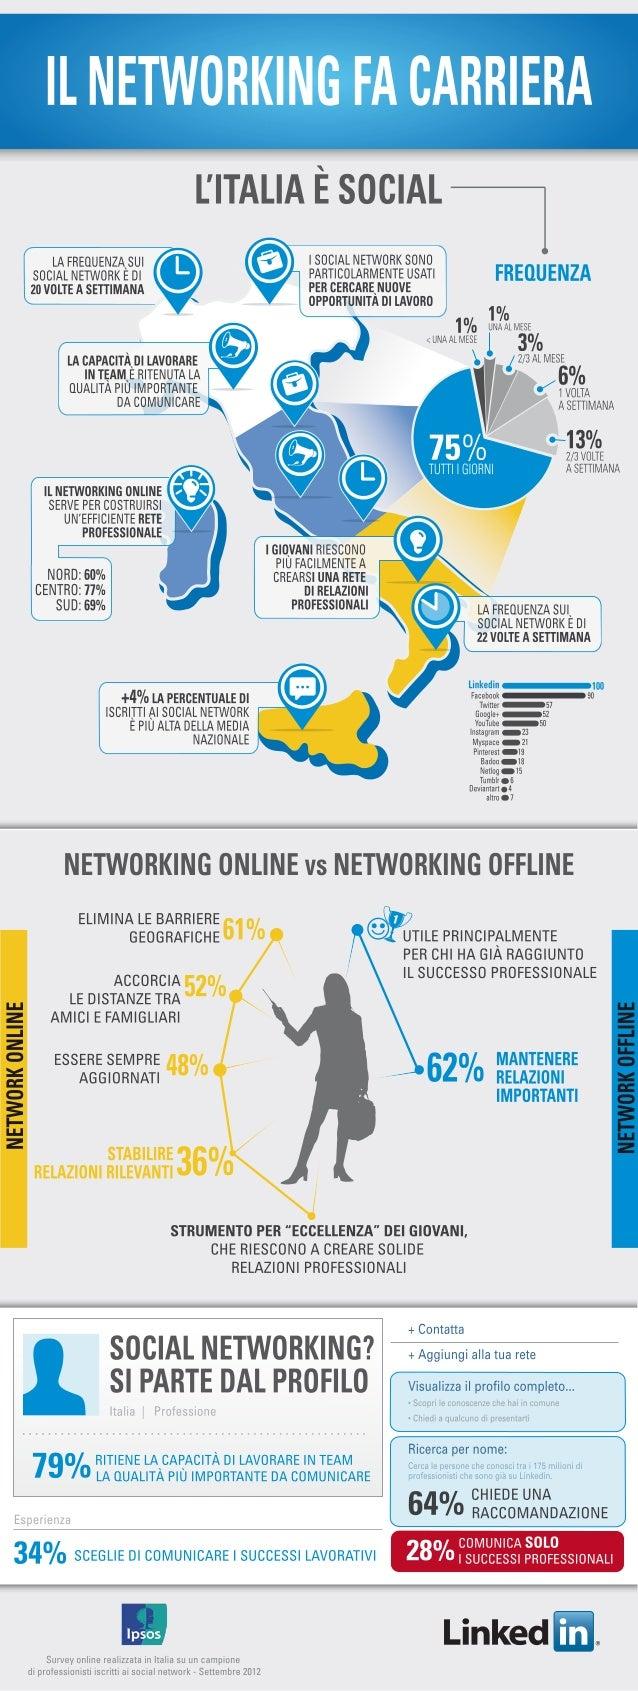 Il Networking Fa Carriera. L'ITALIA E' SOCIAL!